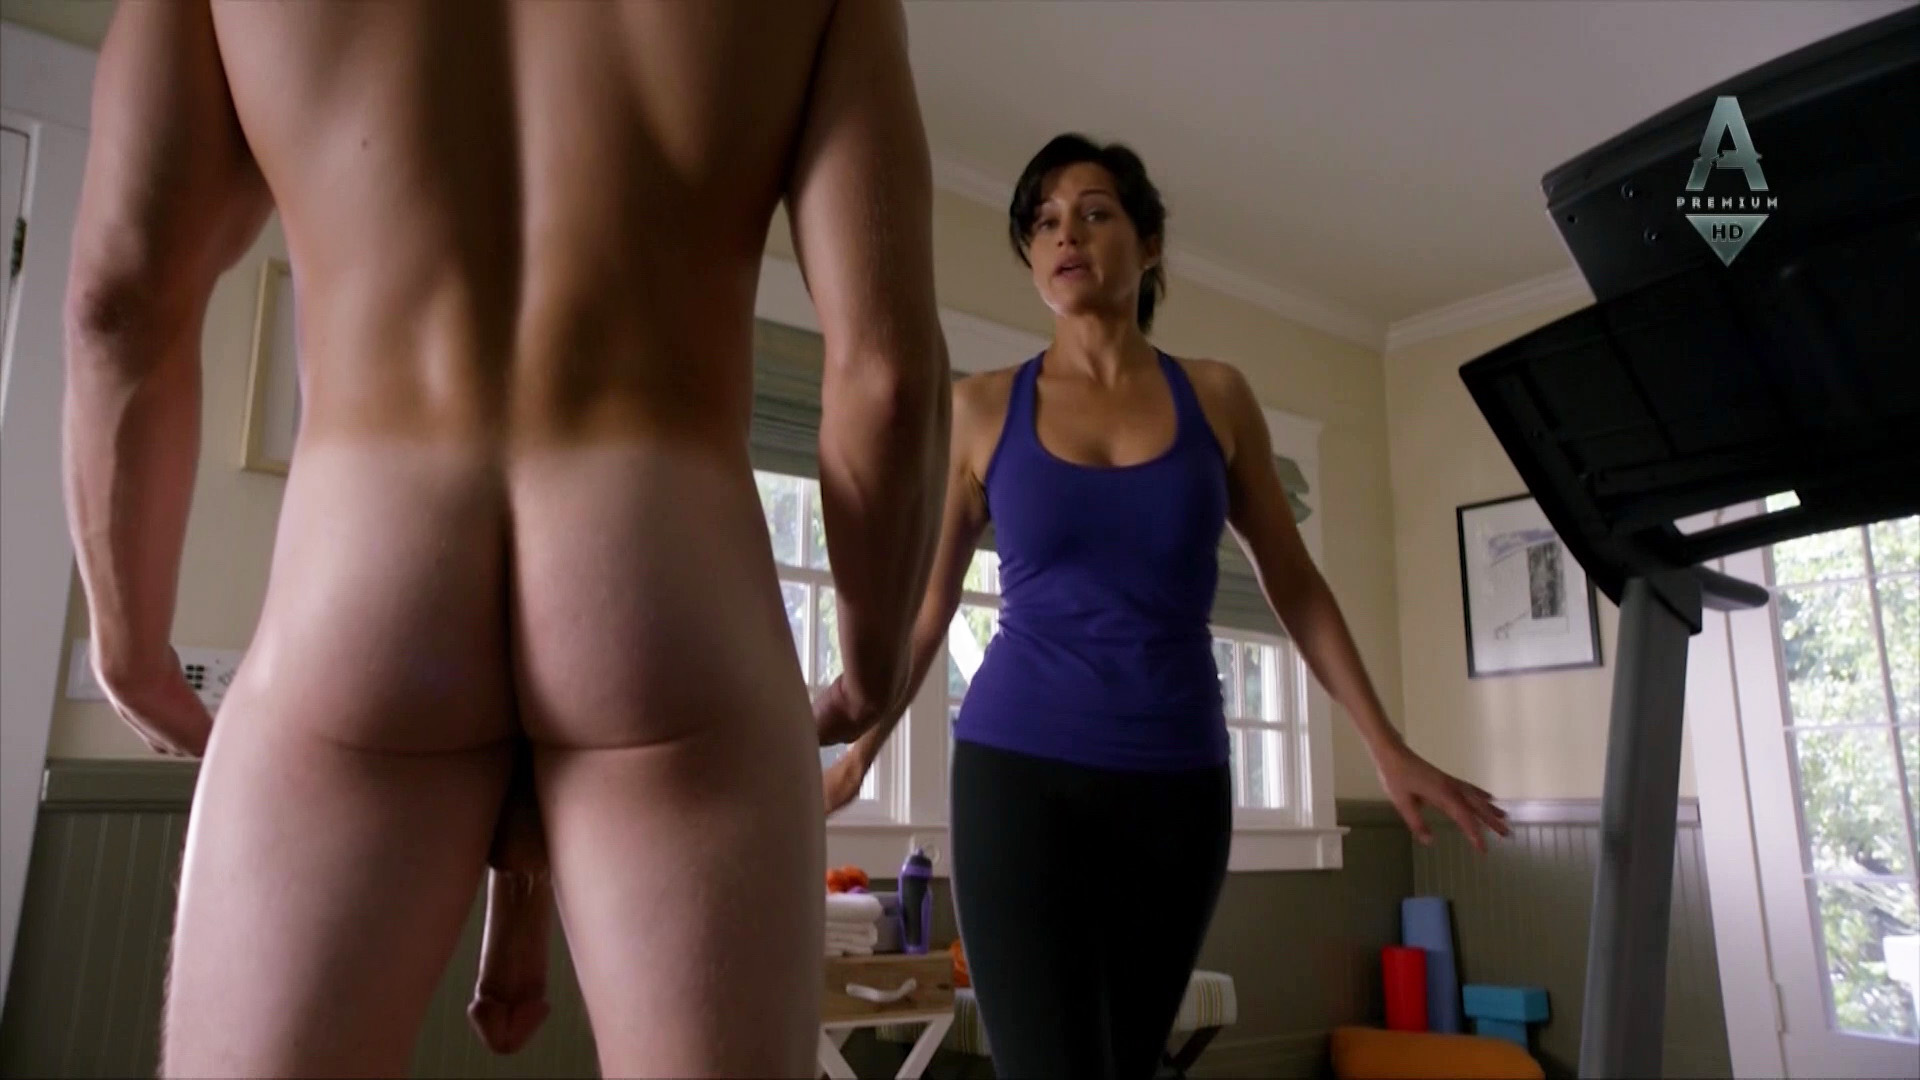 Carla gugino nude sex